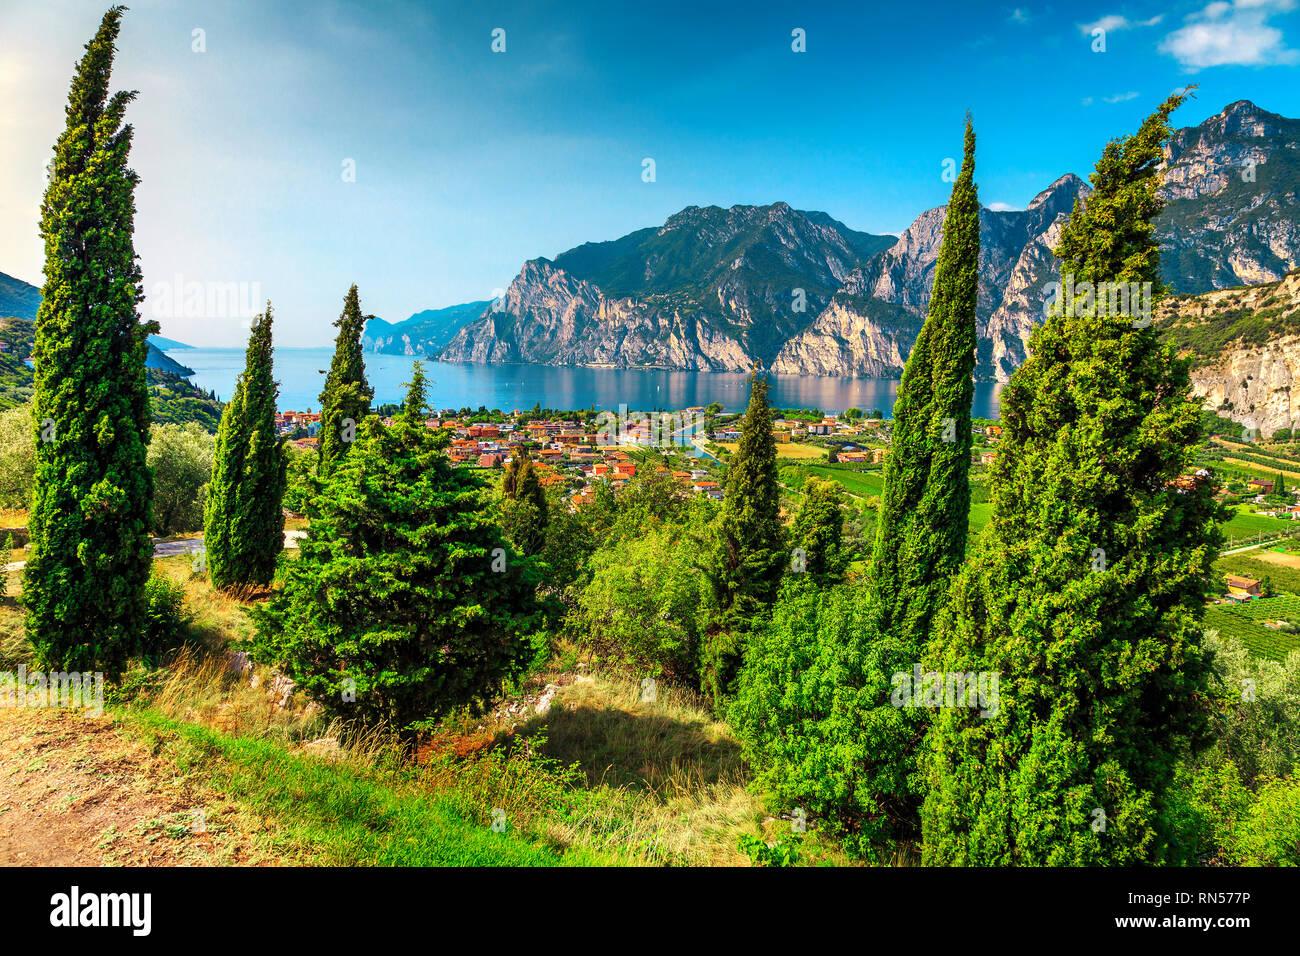 Incredibile soggiorno estivo con il lago di Garda e le alte montagne ...